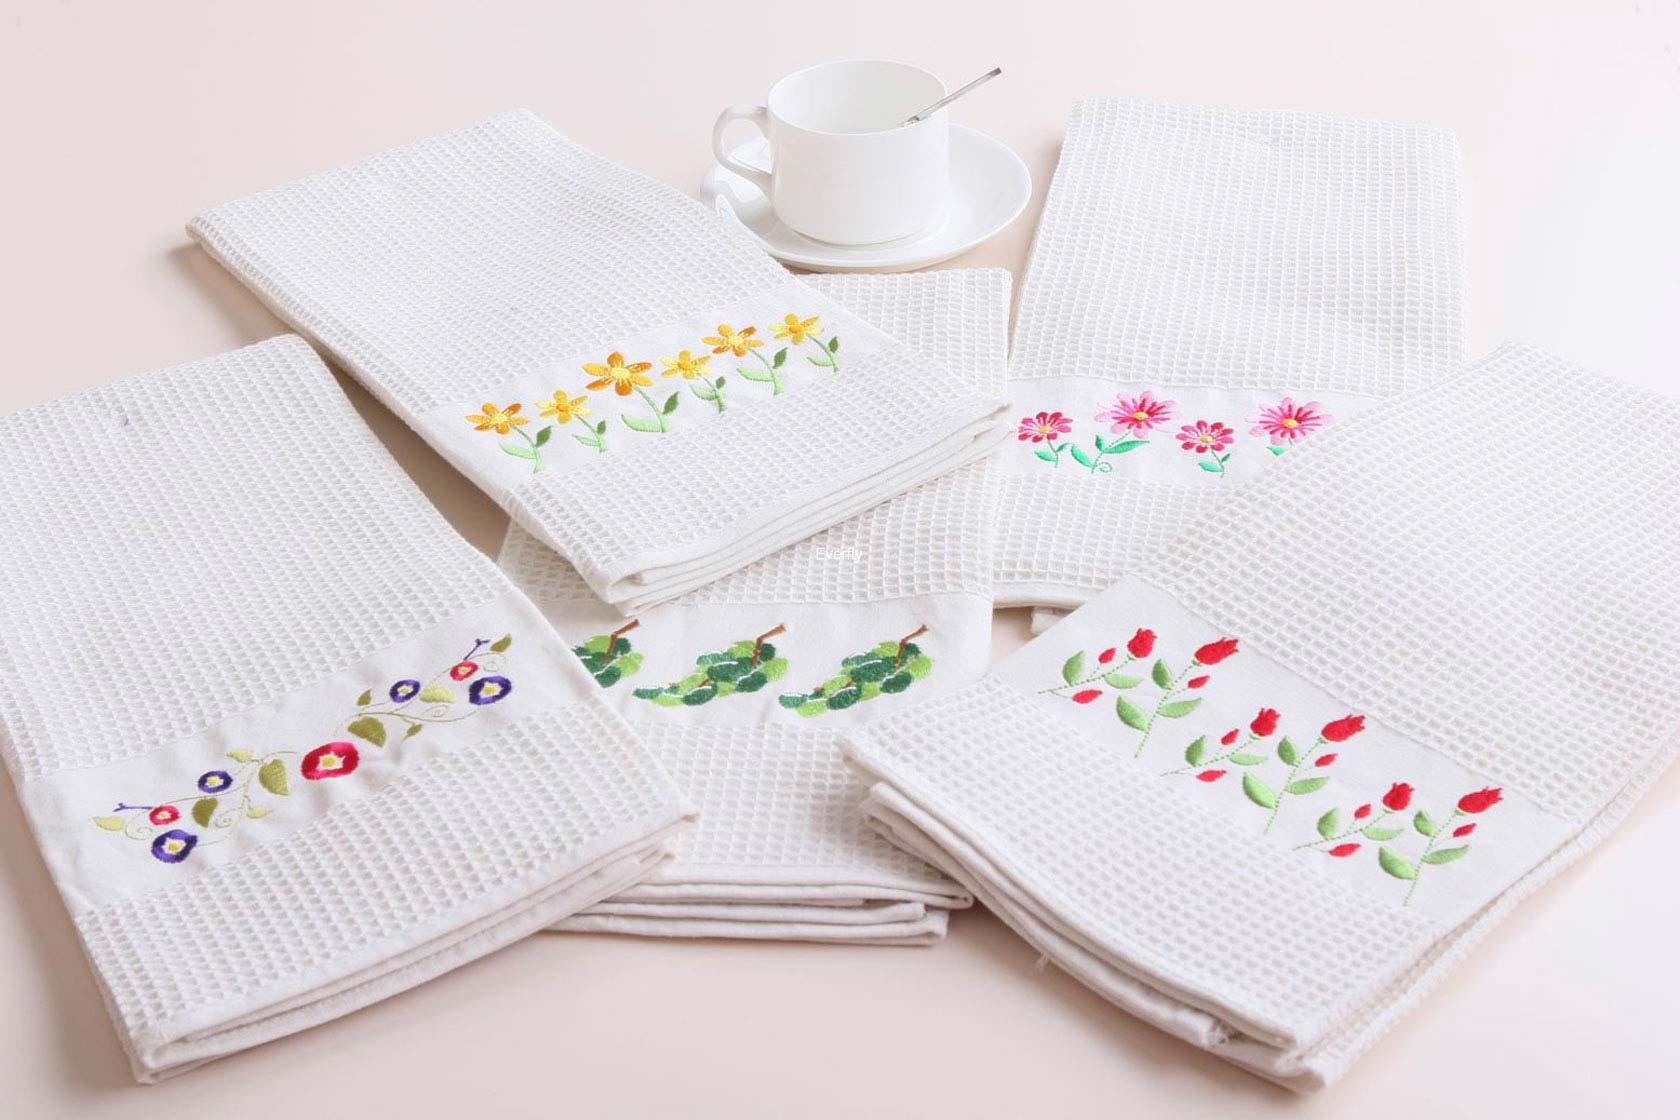 Yuyao City Tiangong Pile Blanket Factory